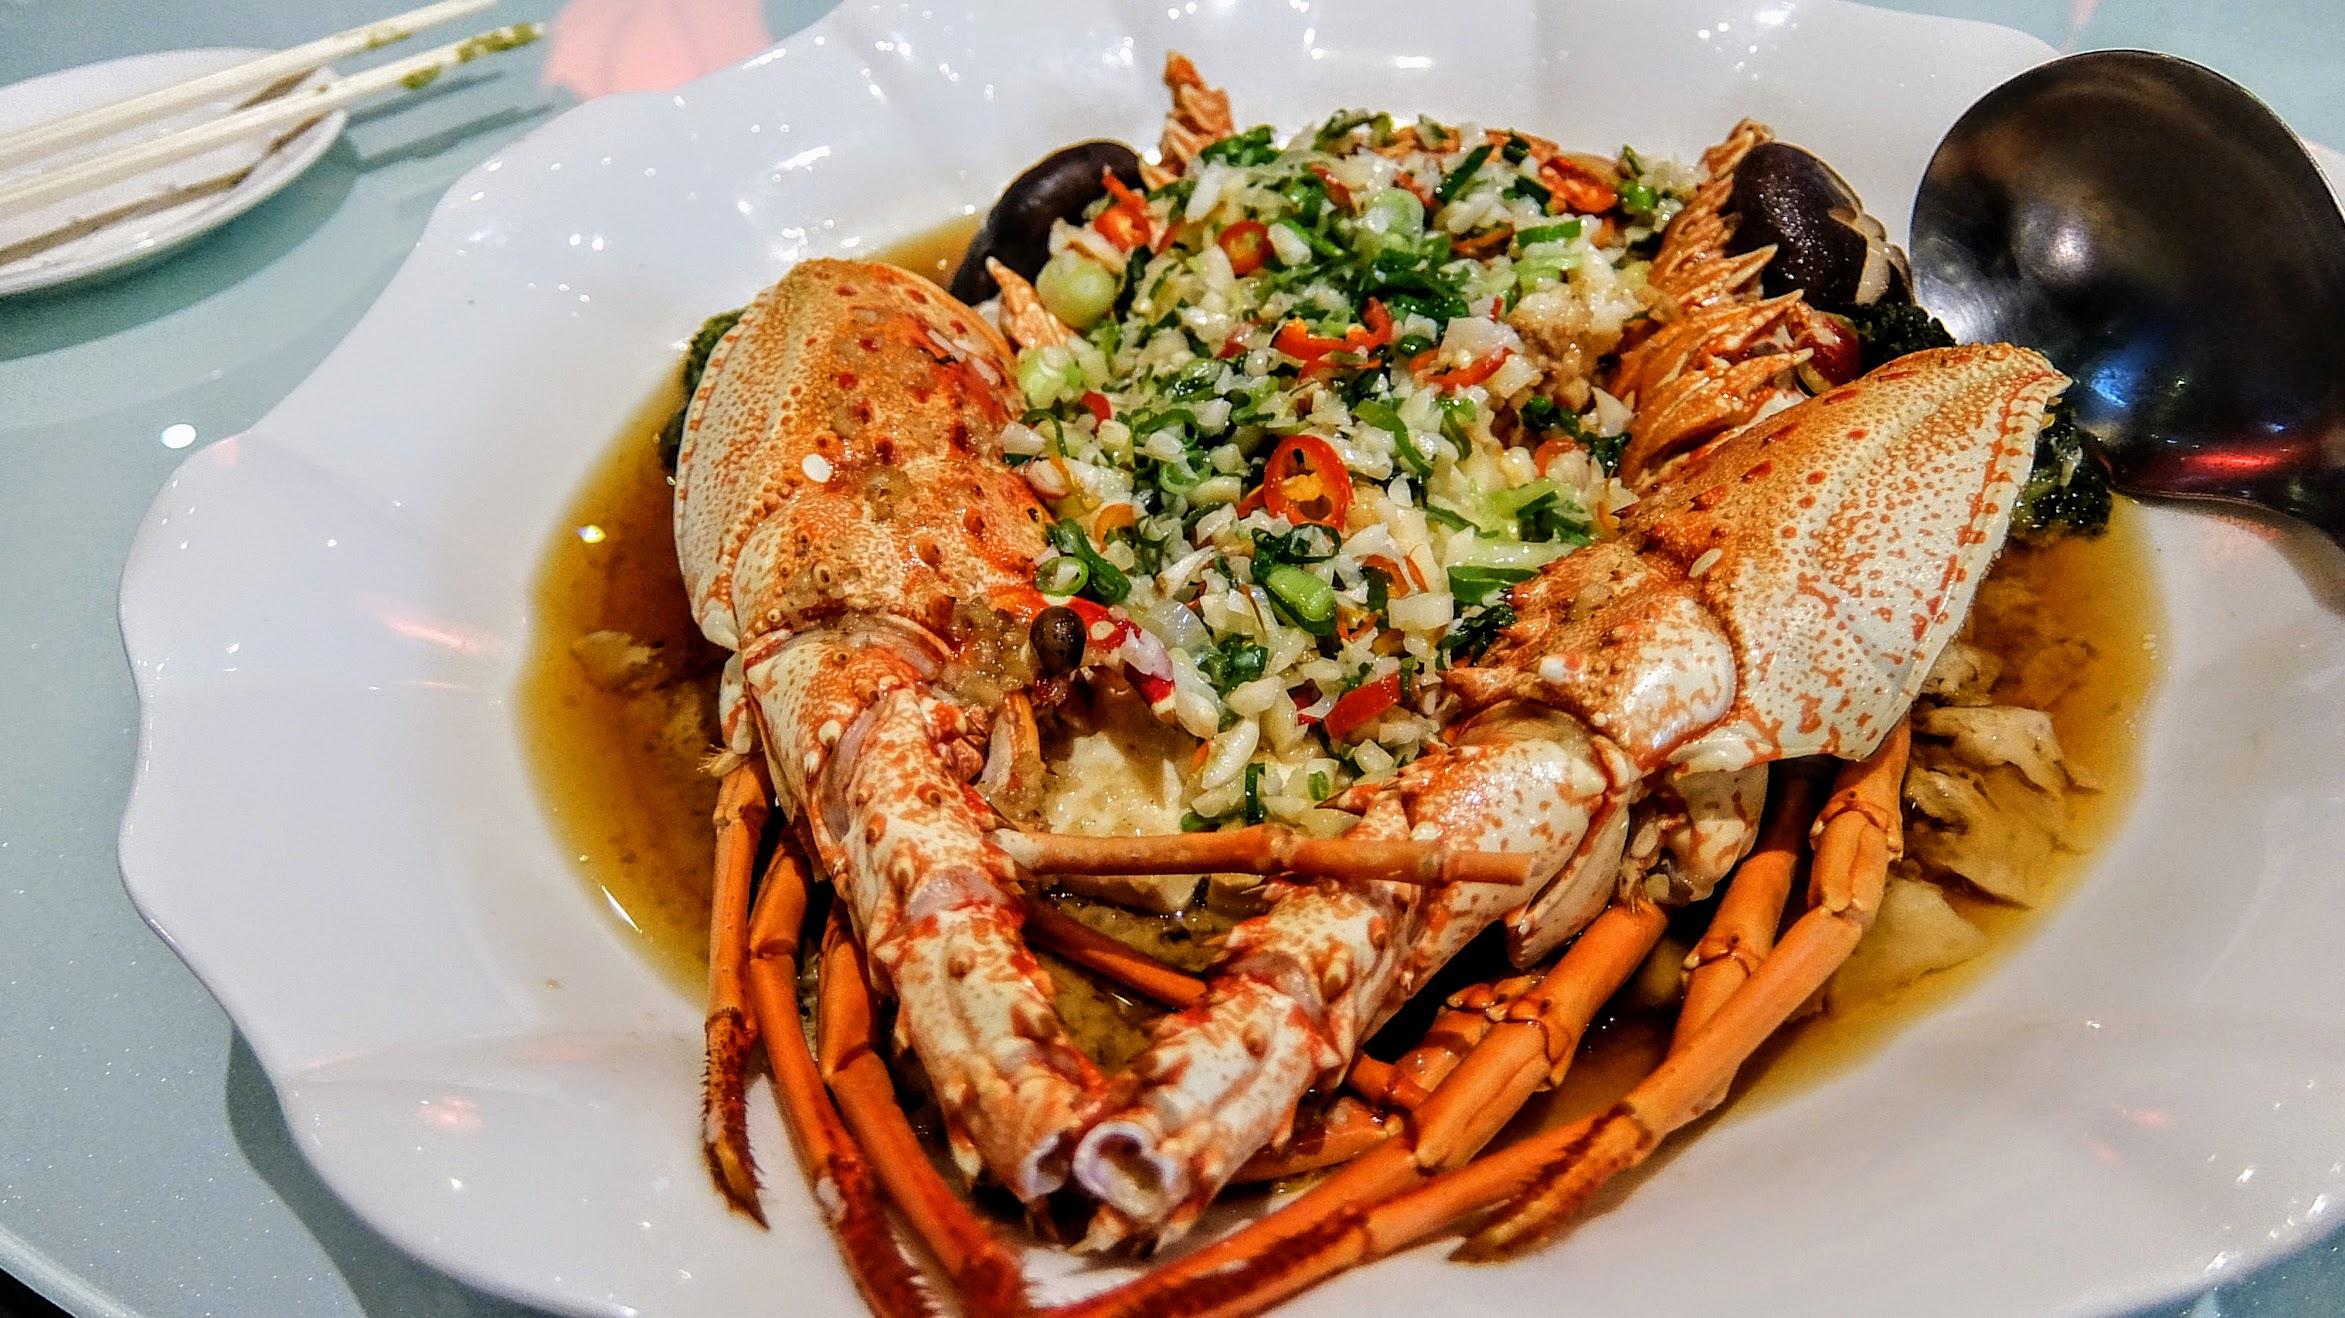 龍蝦,一整隻,不過一桌分下來覺得肉不夠多XDD 上頭有大量提味的蔥花蒜頭等,底下也有豆腐陪襯